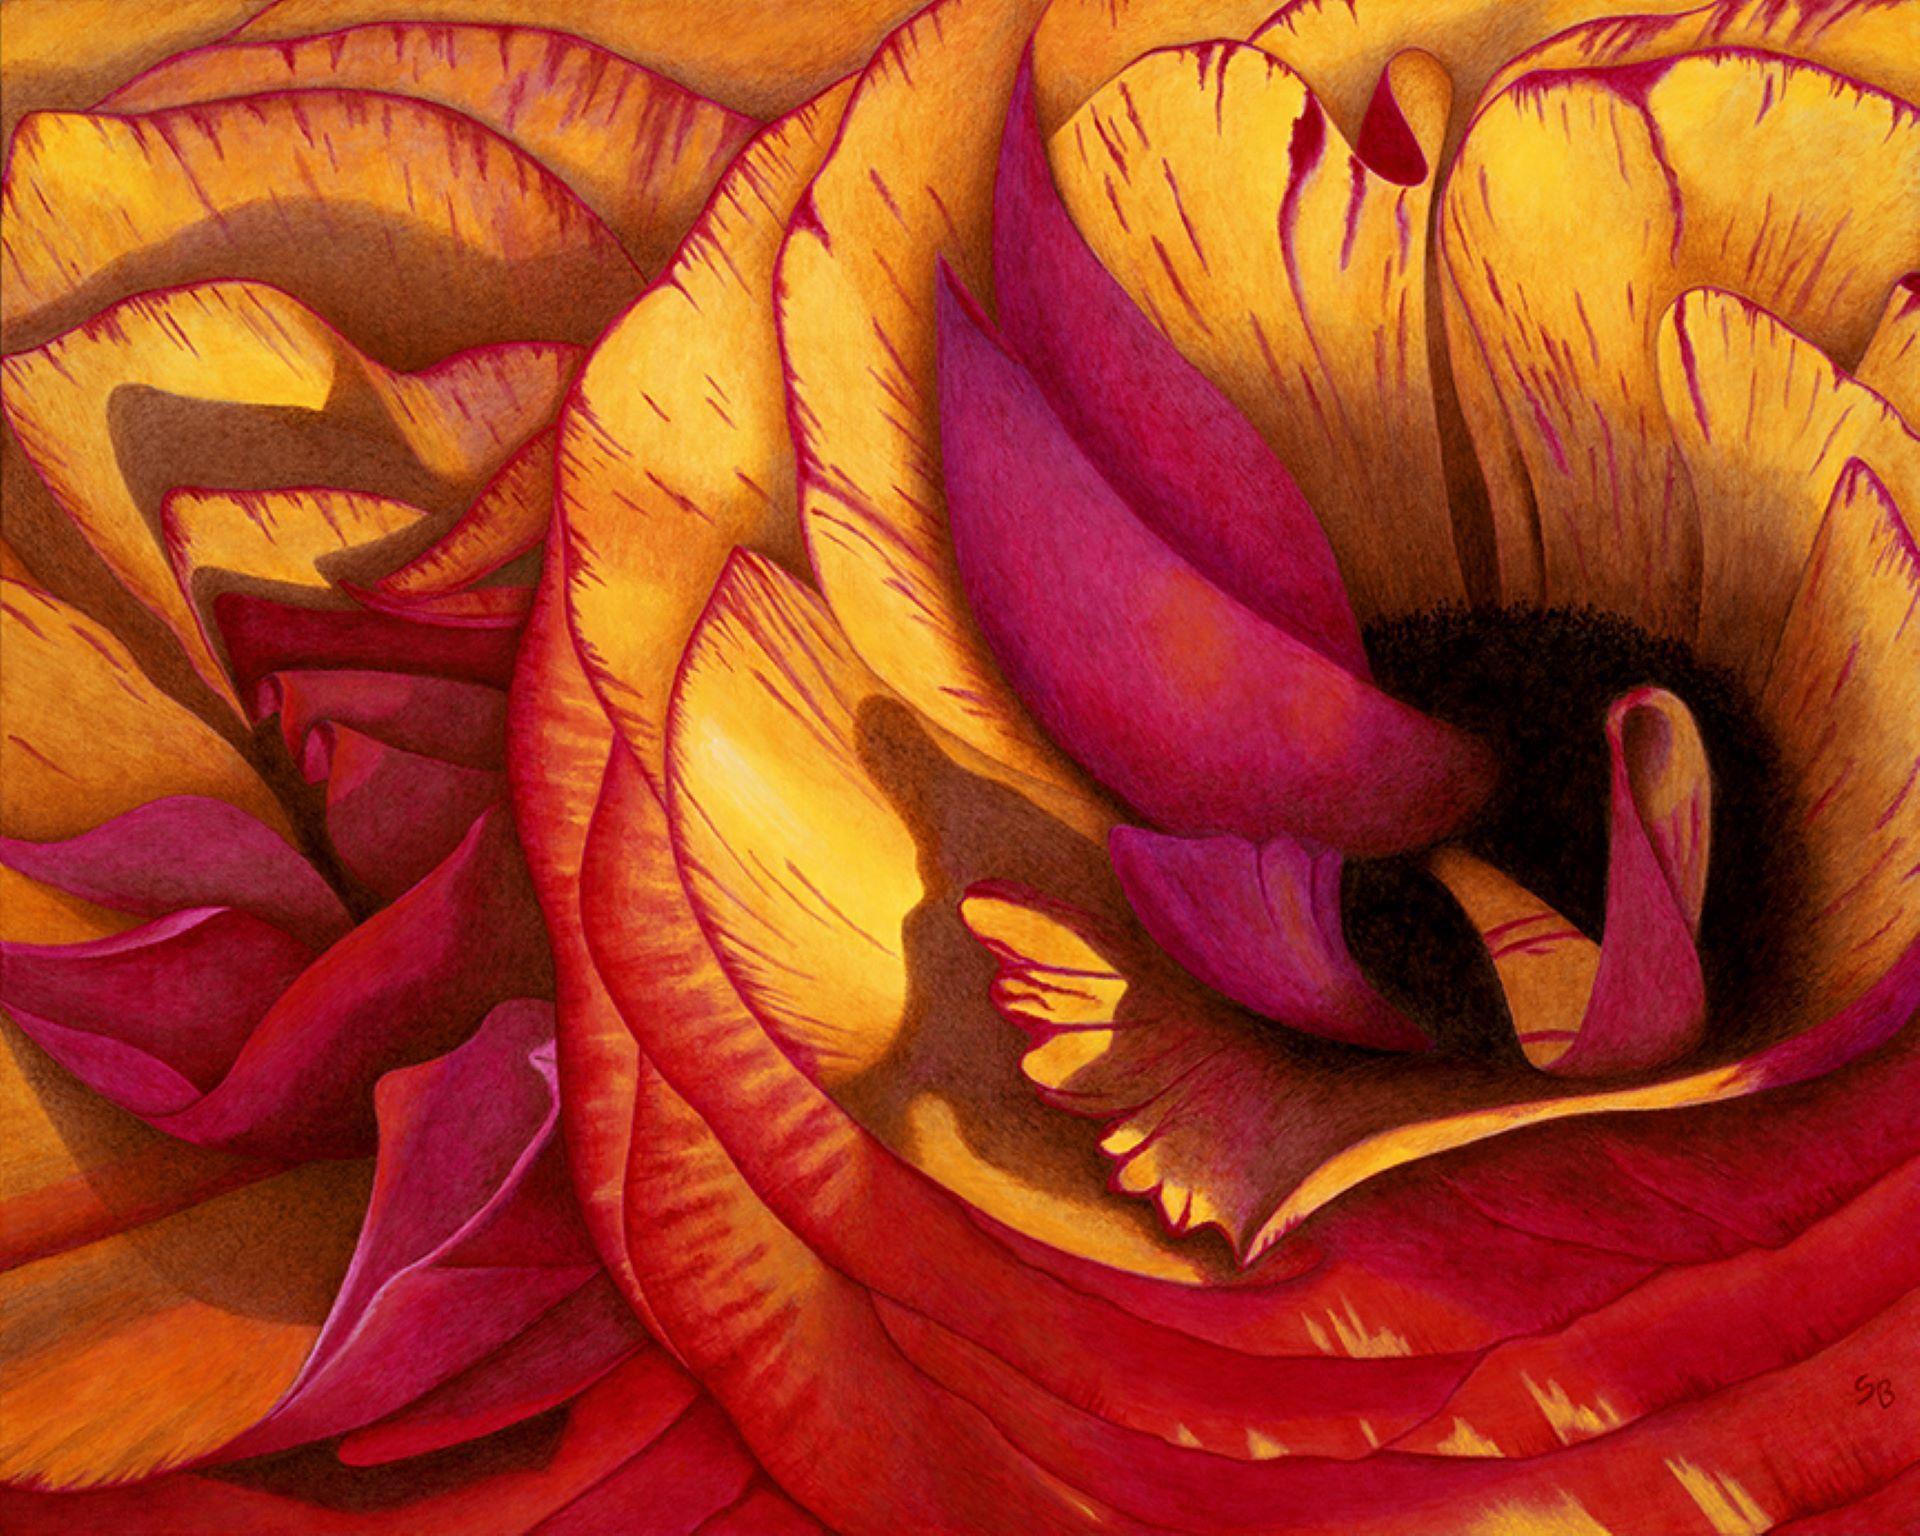 Ranunculus by Suzanne Beckstrom